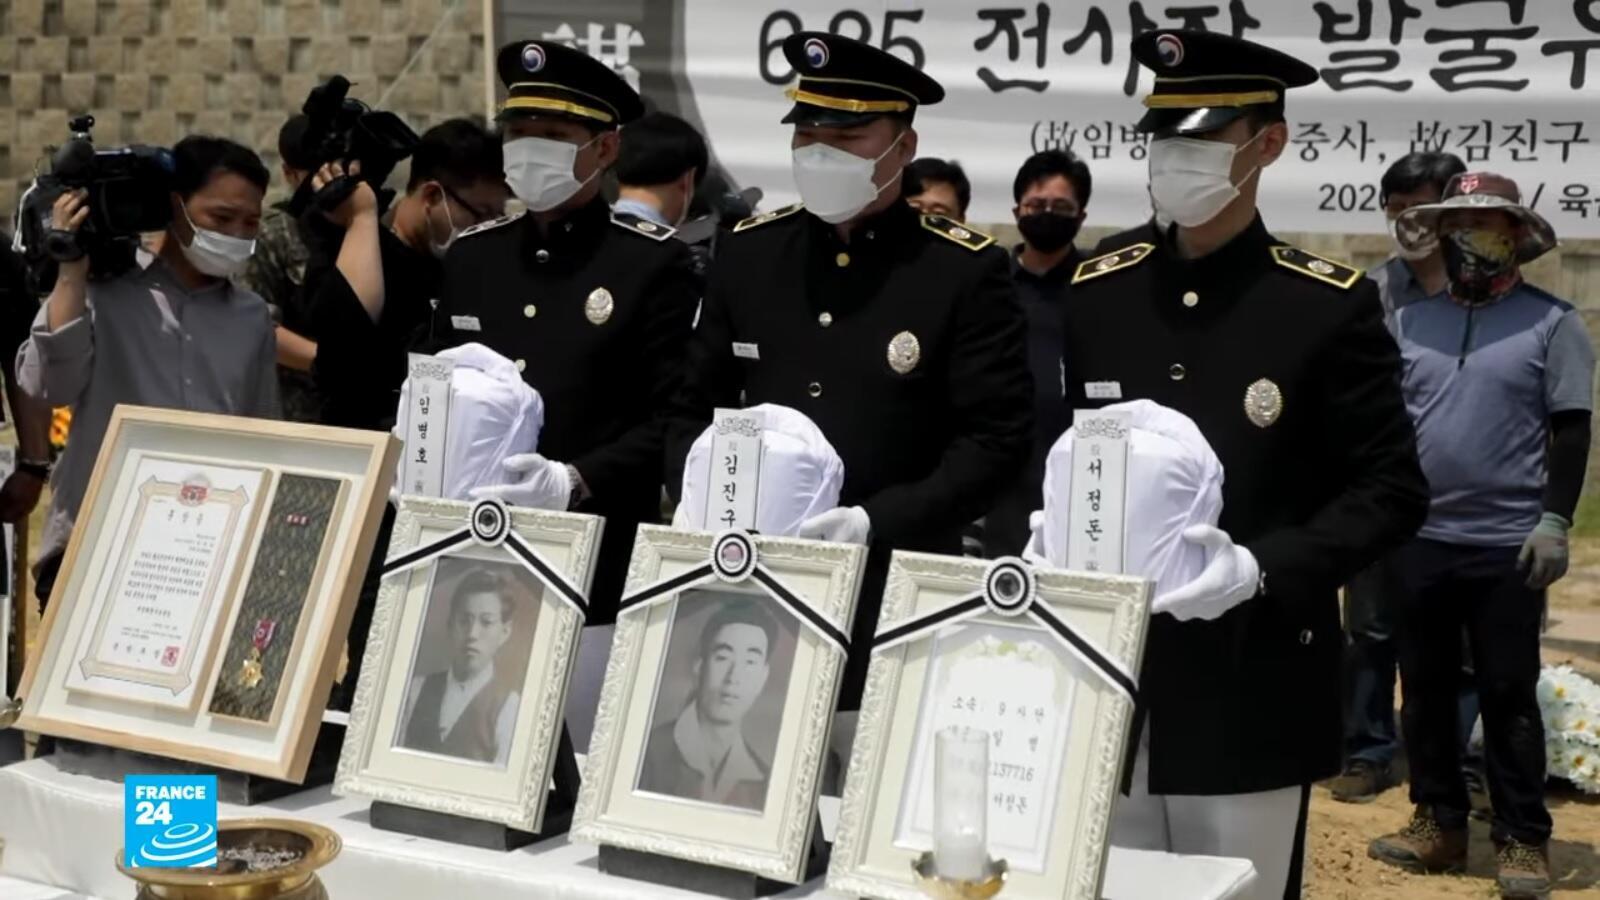 تذكرة عودة - المنطقة الكورية المنزوعة السلاح